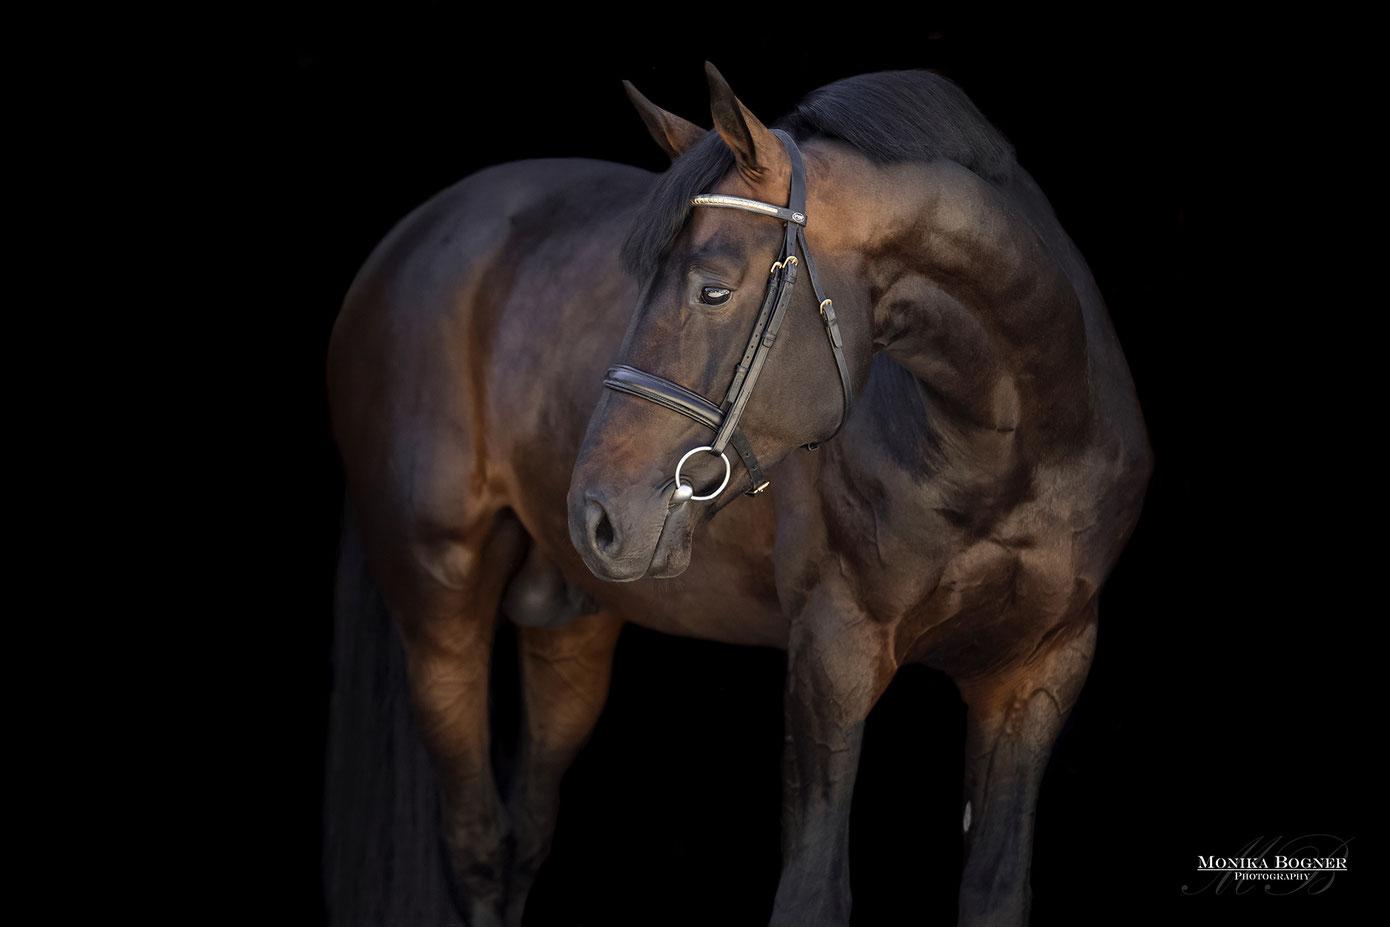 Pferd vor schwarzem Hintergrund, Springpferd, Warmblut, Pferdefotografie